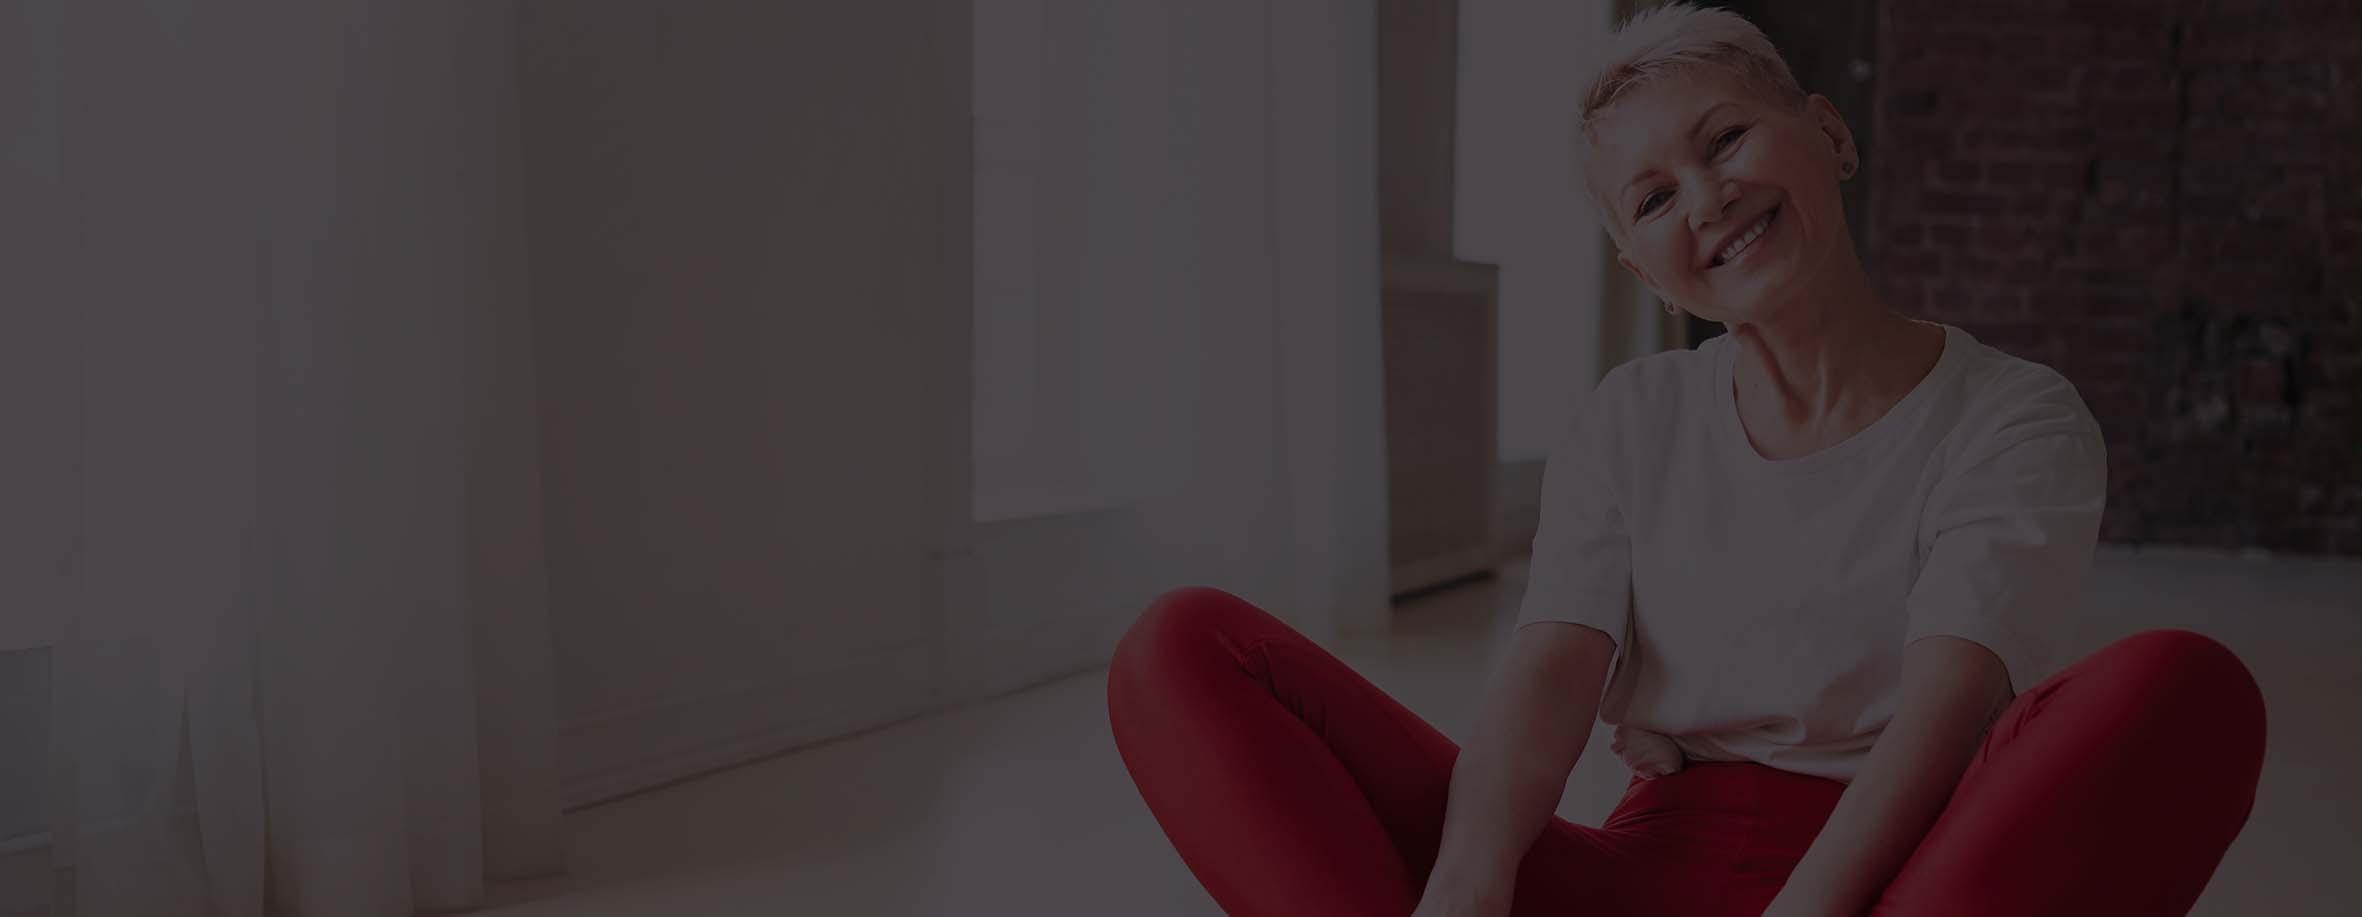 Menopausia, síntomas y buenos hábitos by fitbit & MAMIfit